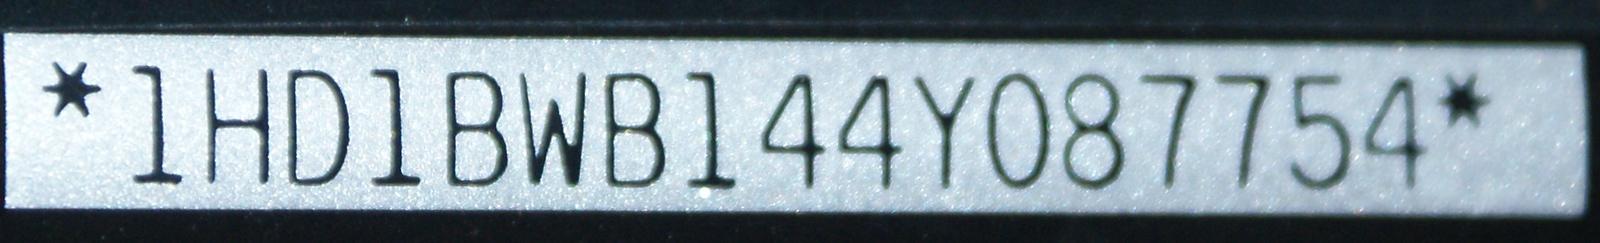 2004FLSTCI7754k